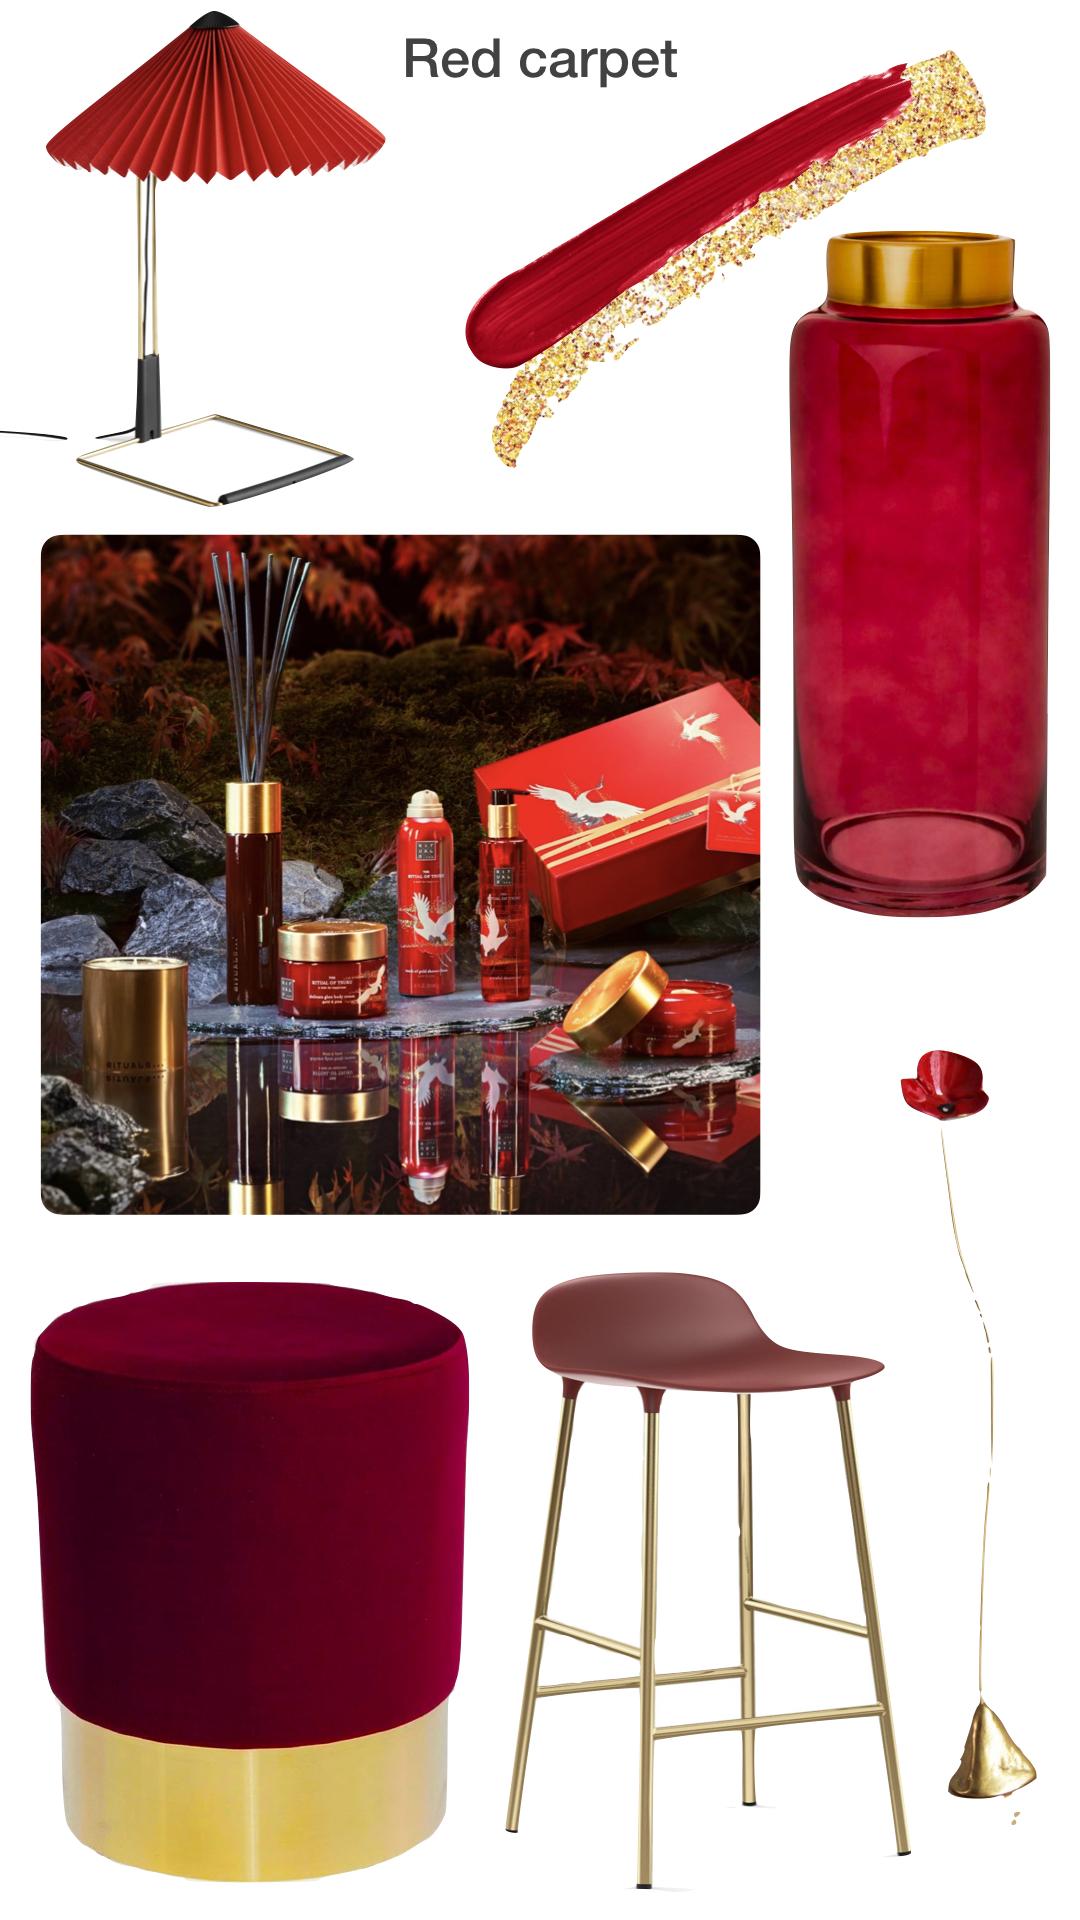 idées de cadeaux pour Noël rouge vase cosmétique femme or massage